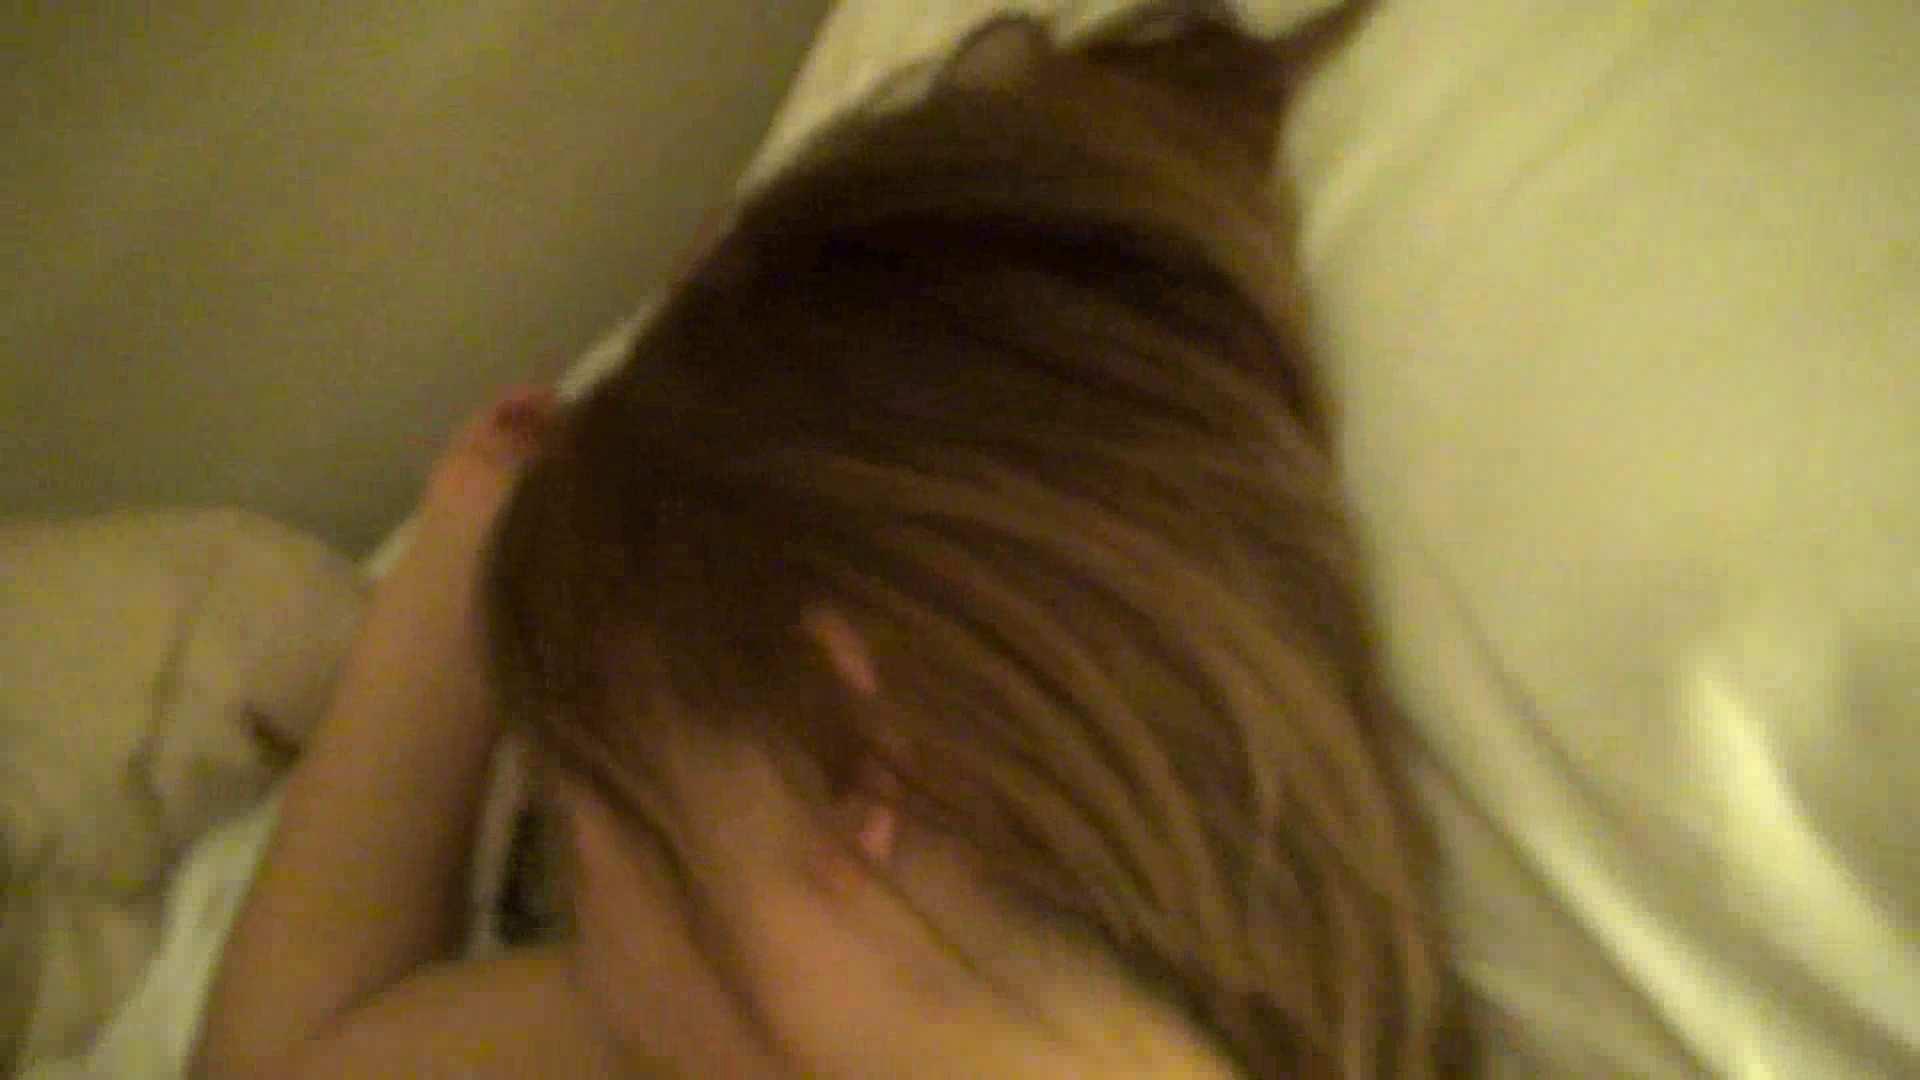 【出会い02】夢見になったのを確認後、大助さんから参加OKの電話をもらいました。 ホテル  32pic 32